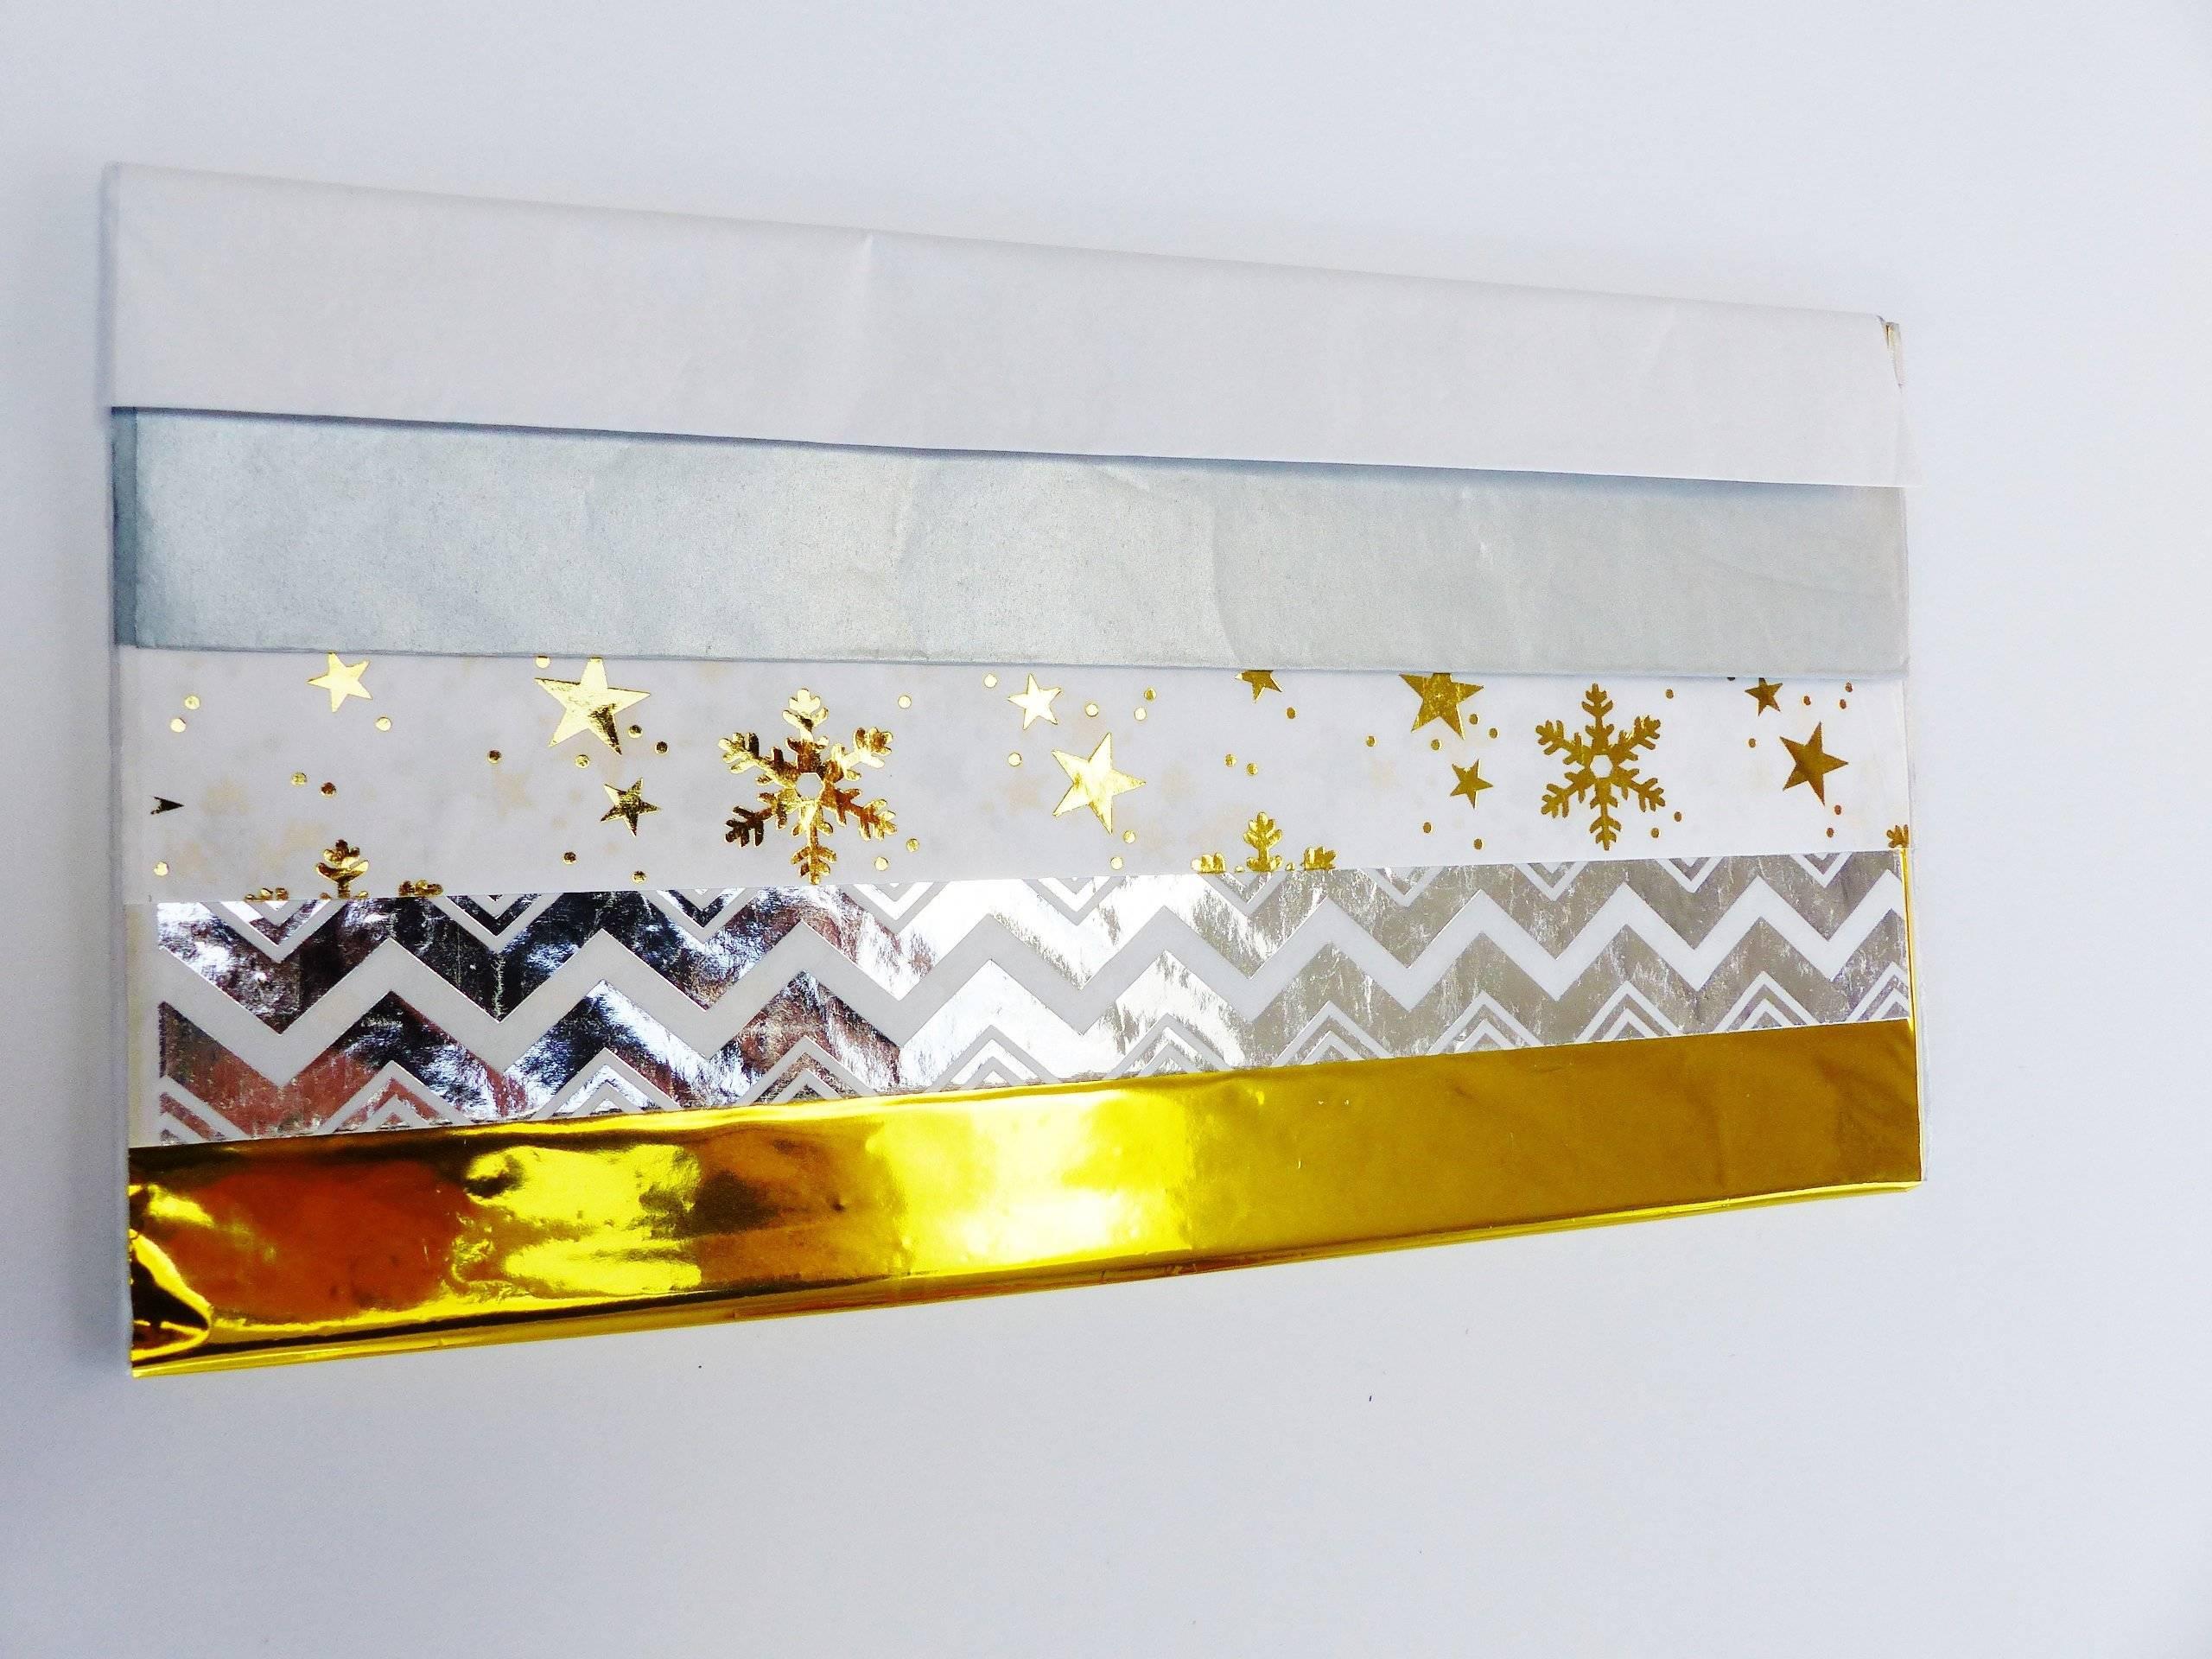 5 feuilles papier de soie 50 x 70 cm or argent blanc étoile flocon de neige uni motif géométrique hiver Noël